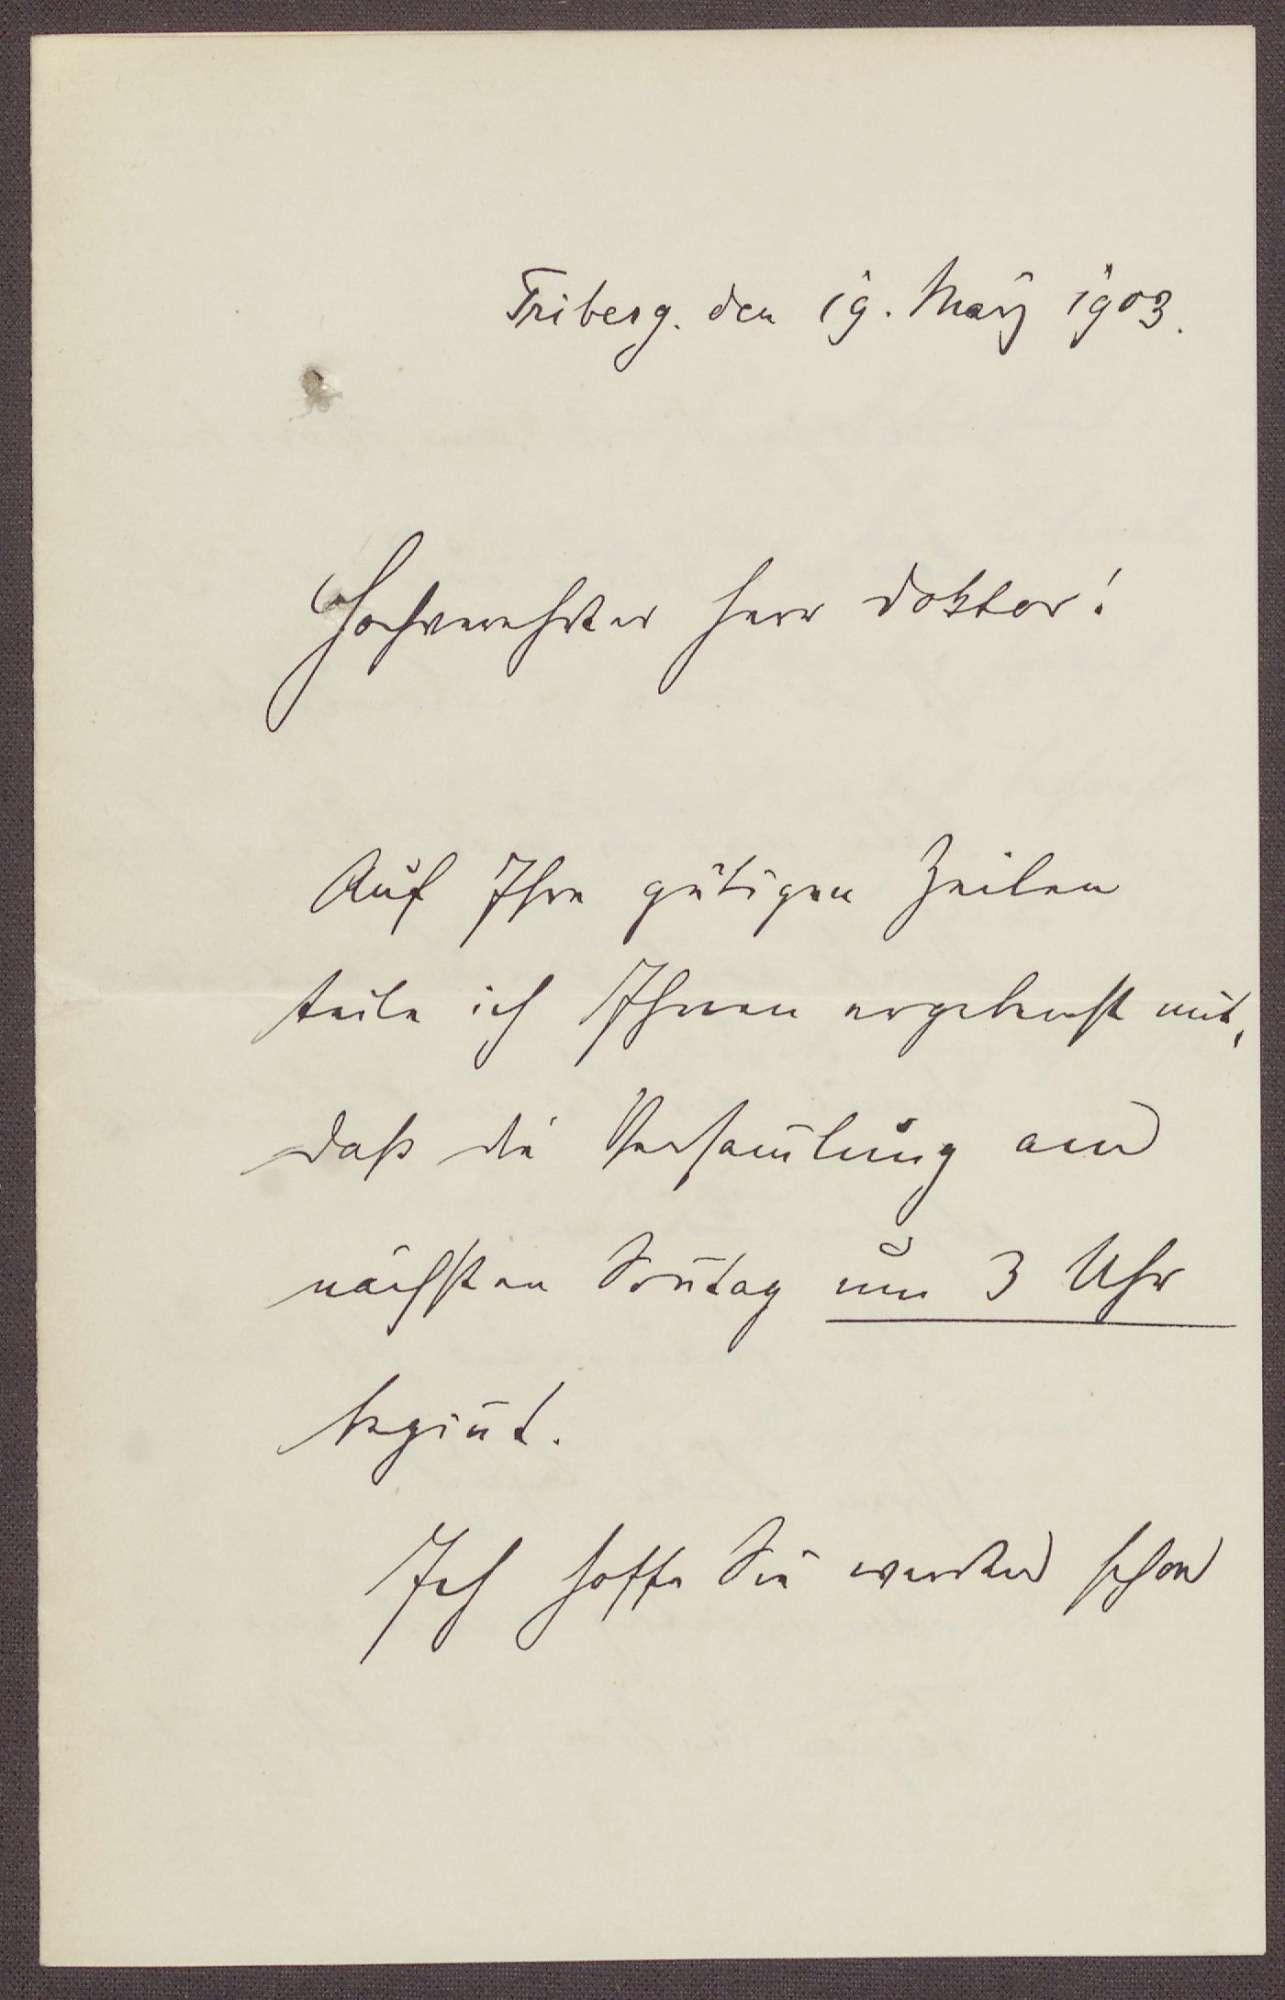 Schreiben vom Stadtpfarrer aus Triberg an Constantin Fehrenbach, Hinweis auf einer Versammlung und dort besprochene Themen, Bild 1